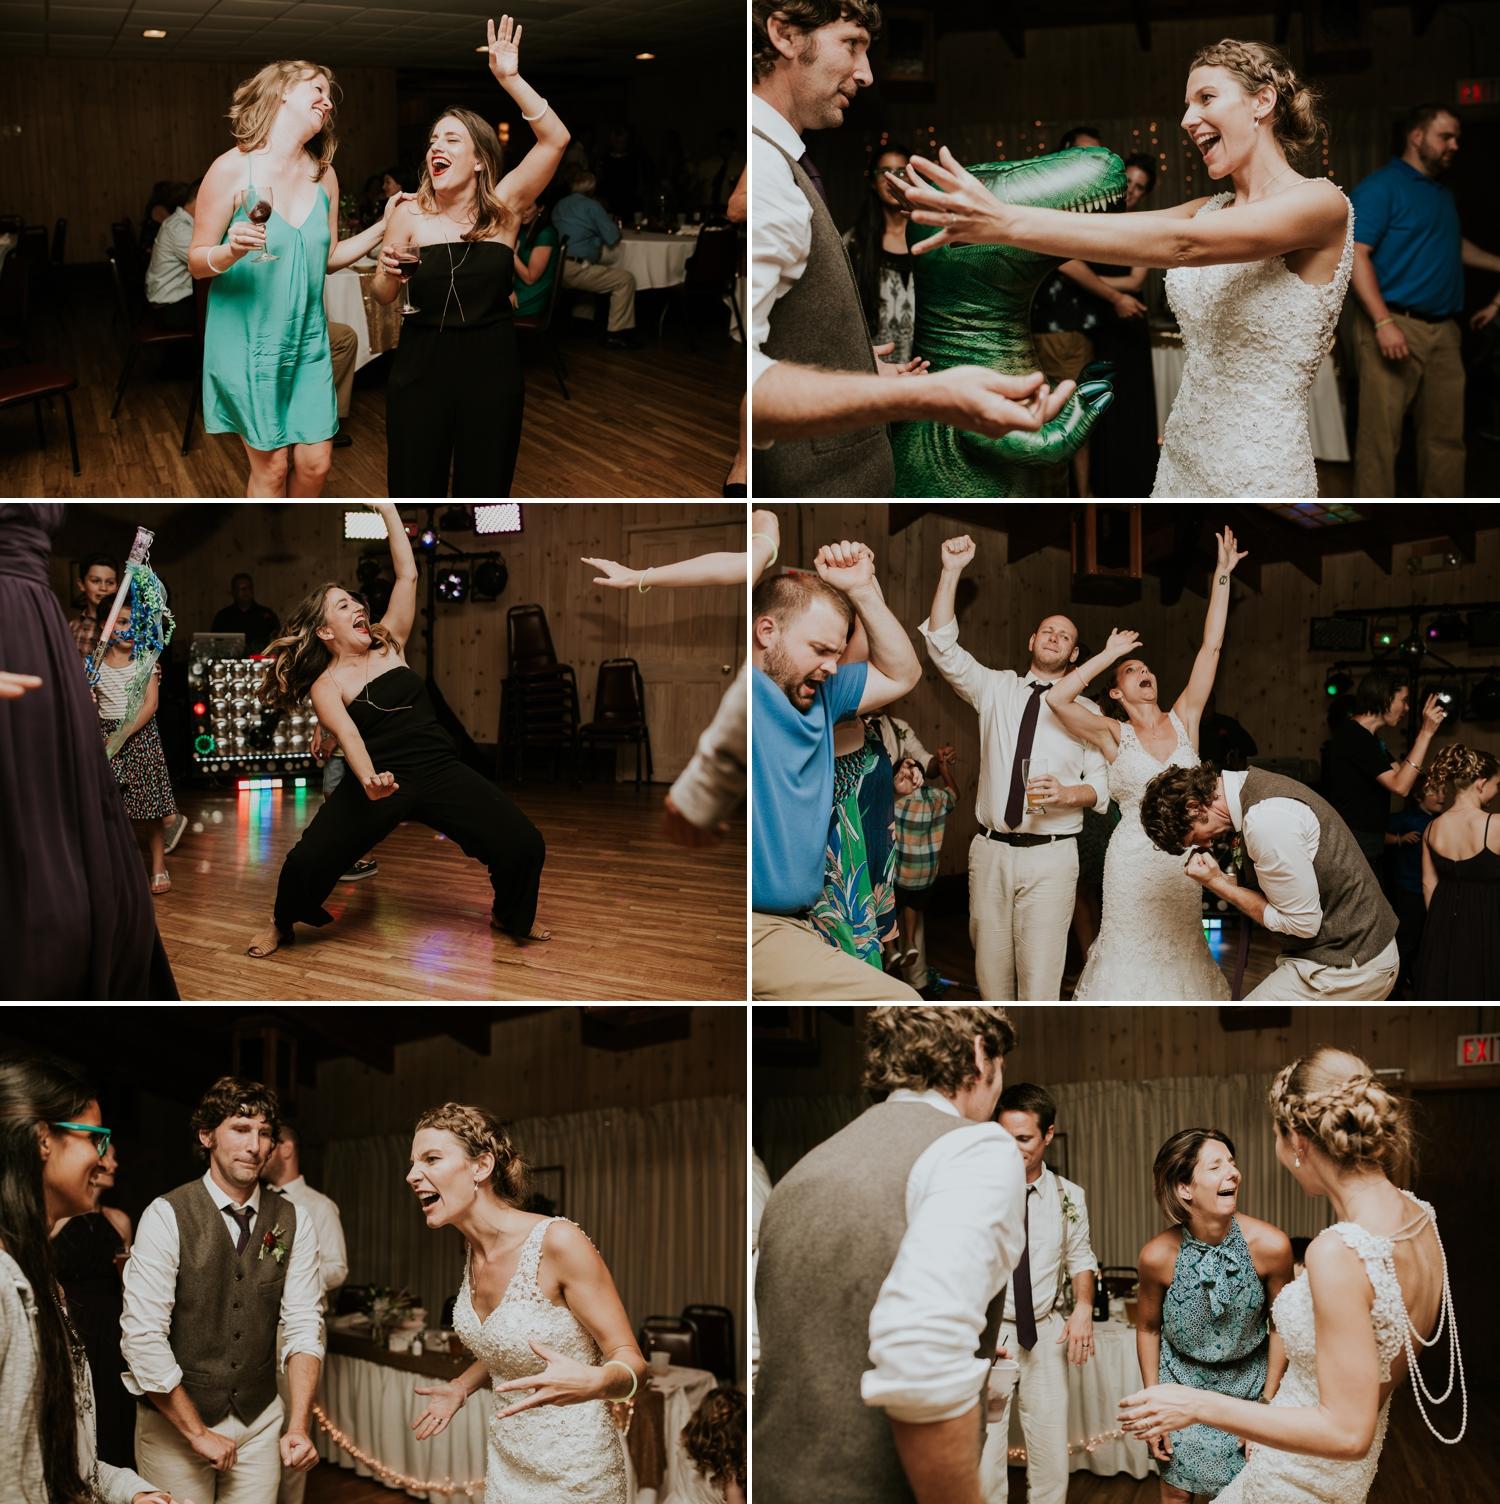 rhinelander-wisconsin-holiday-acres-lakeside-wedding-photographer 124.jpg